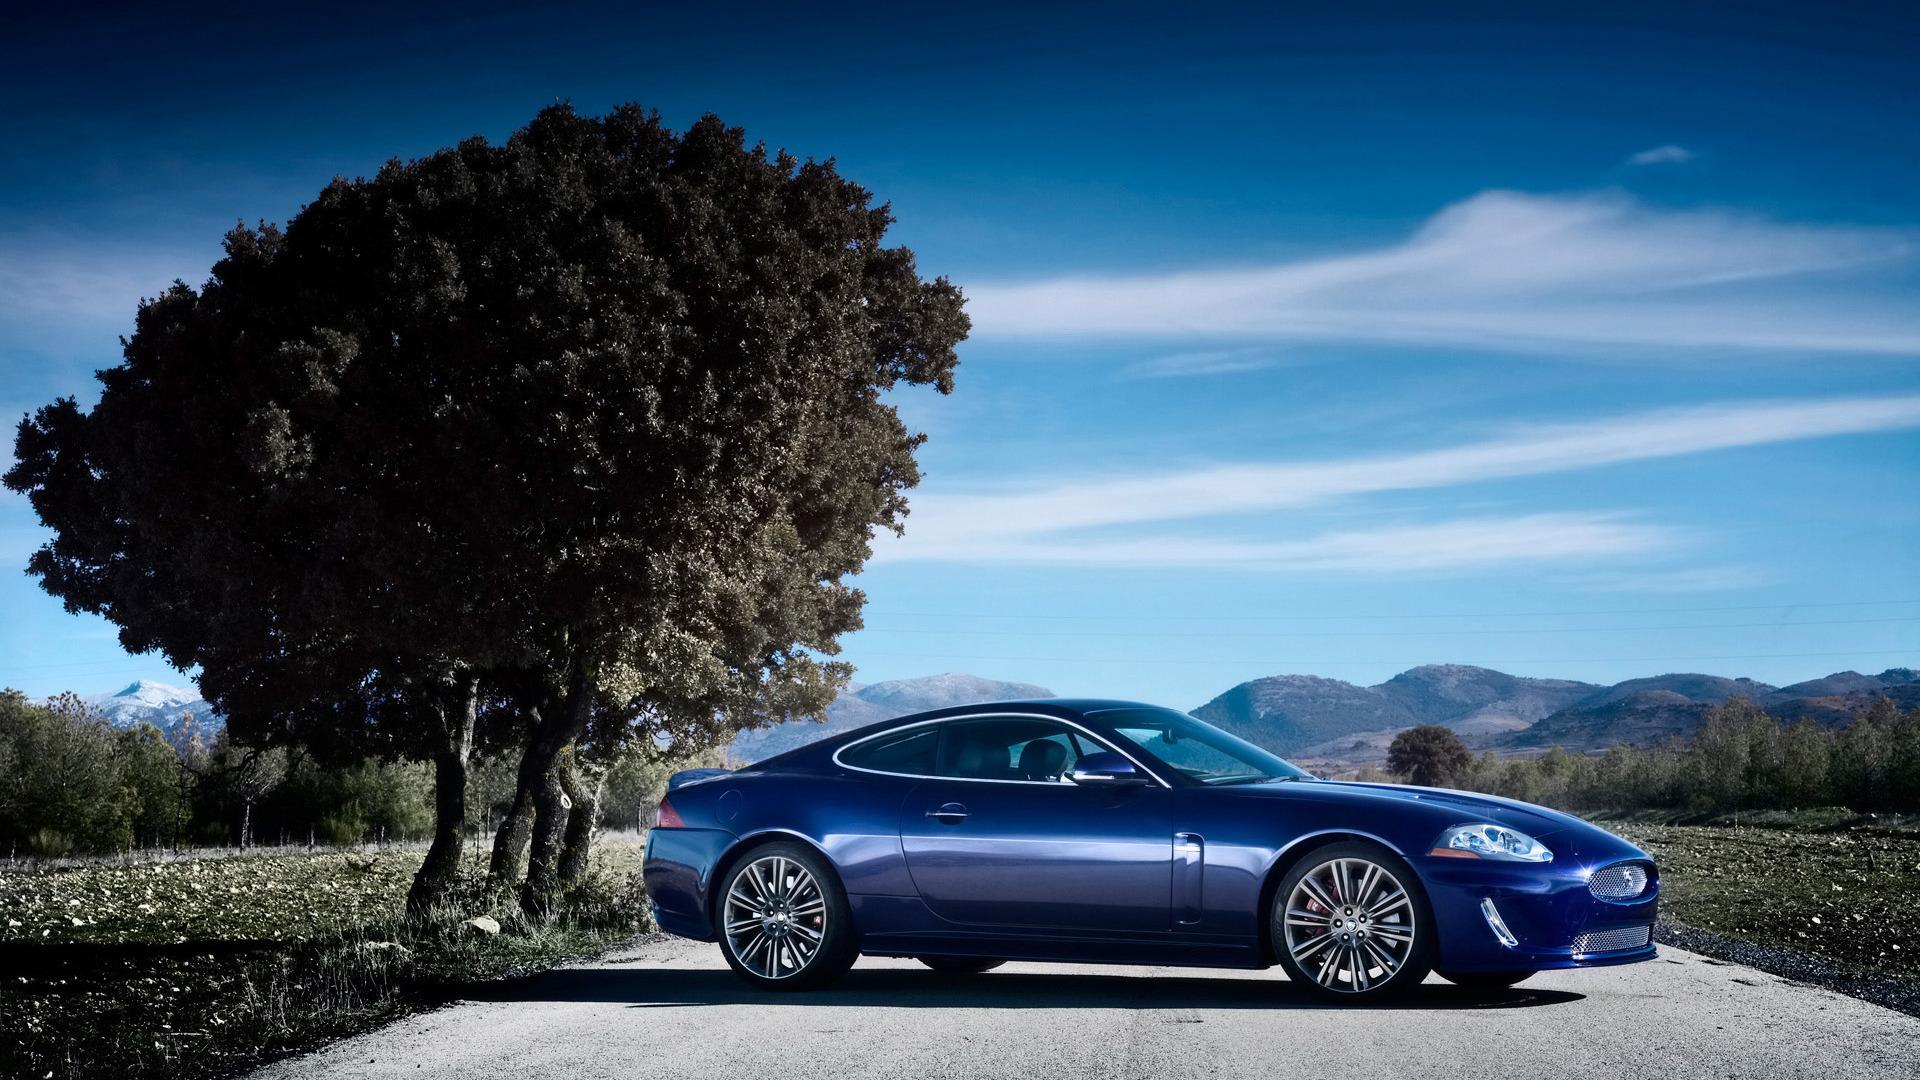 15 stunning hd jaguar wallpapers - Jaguar hd pics ...